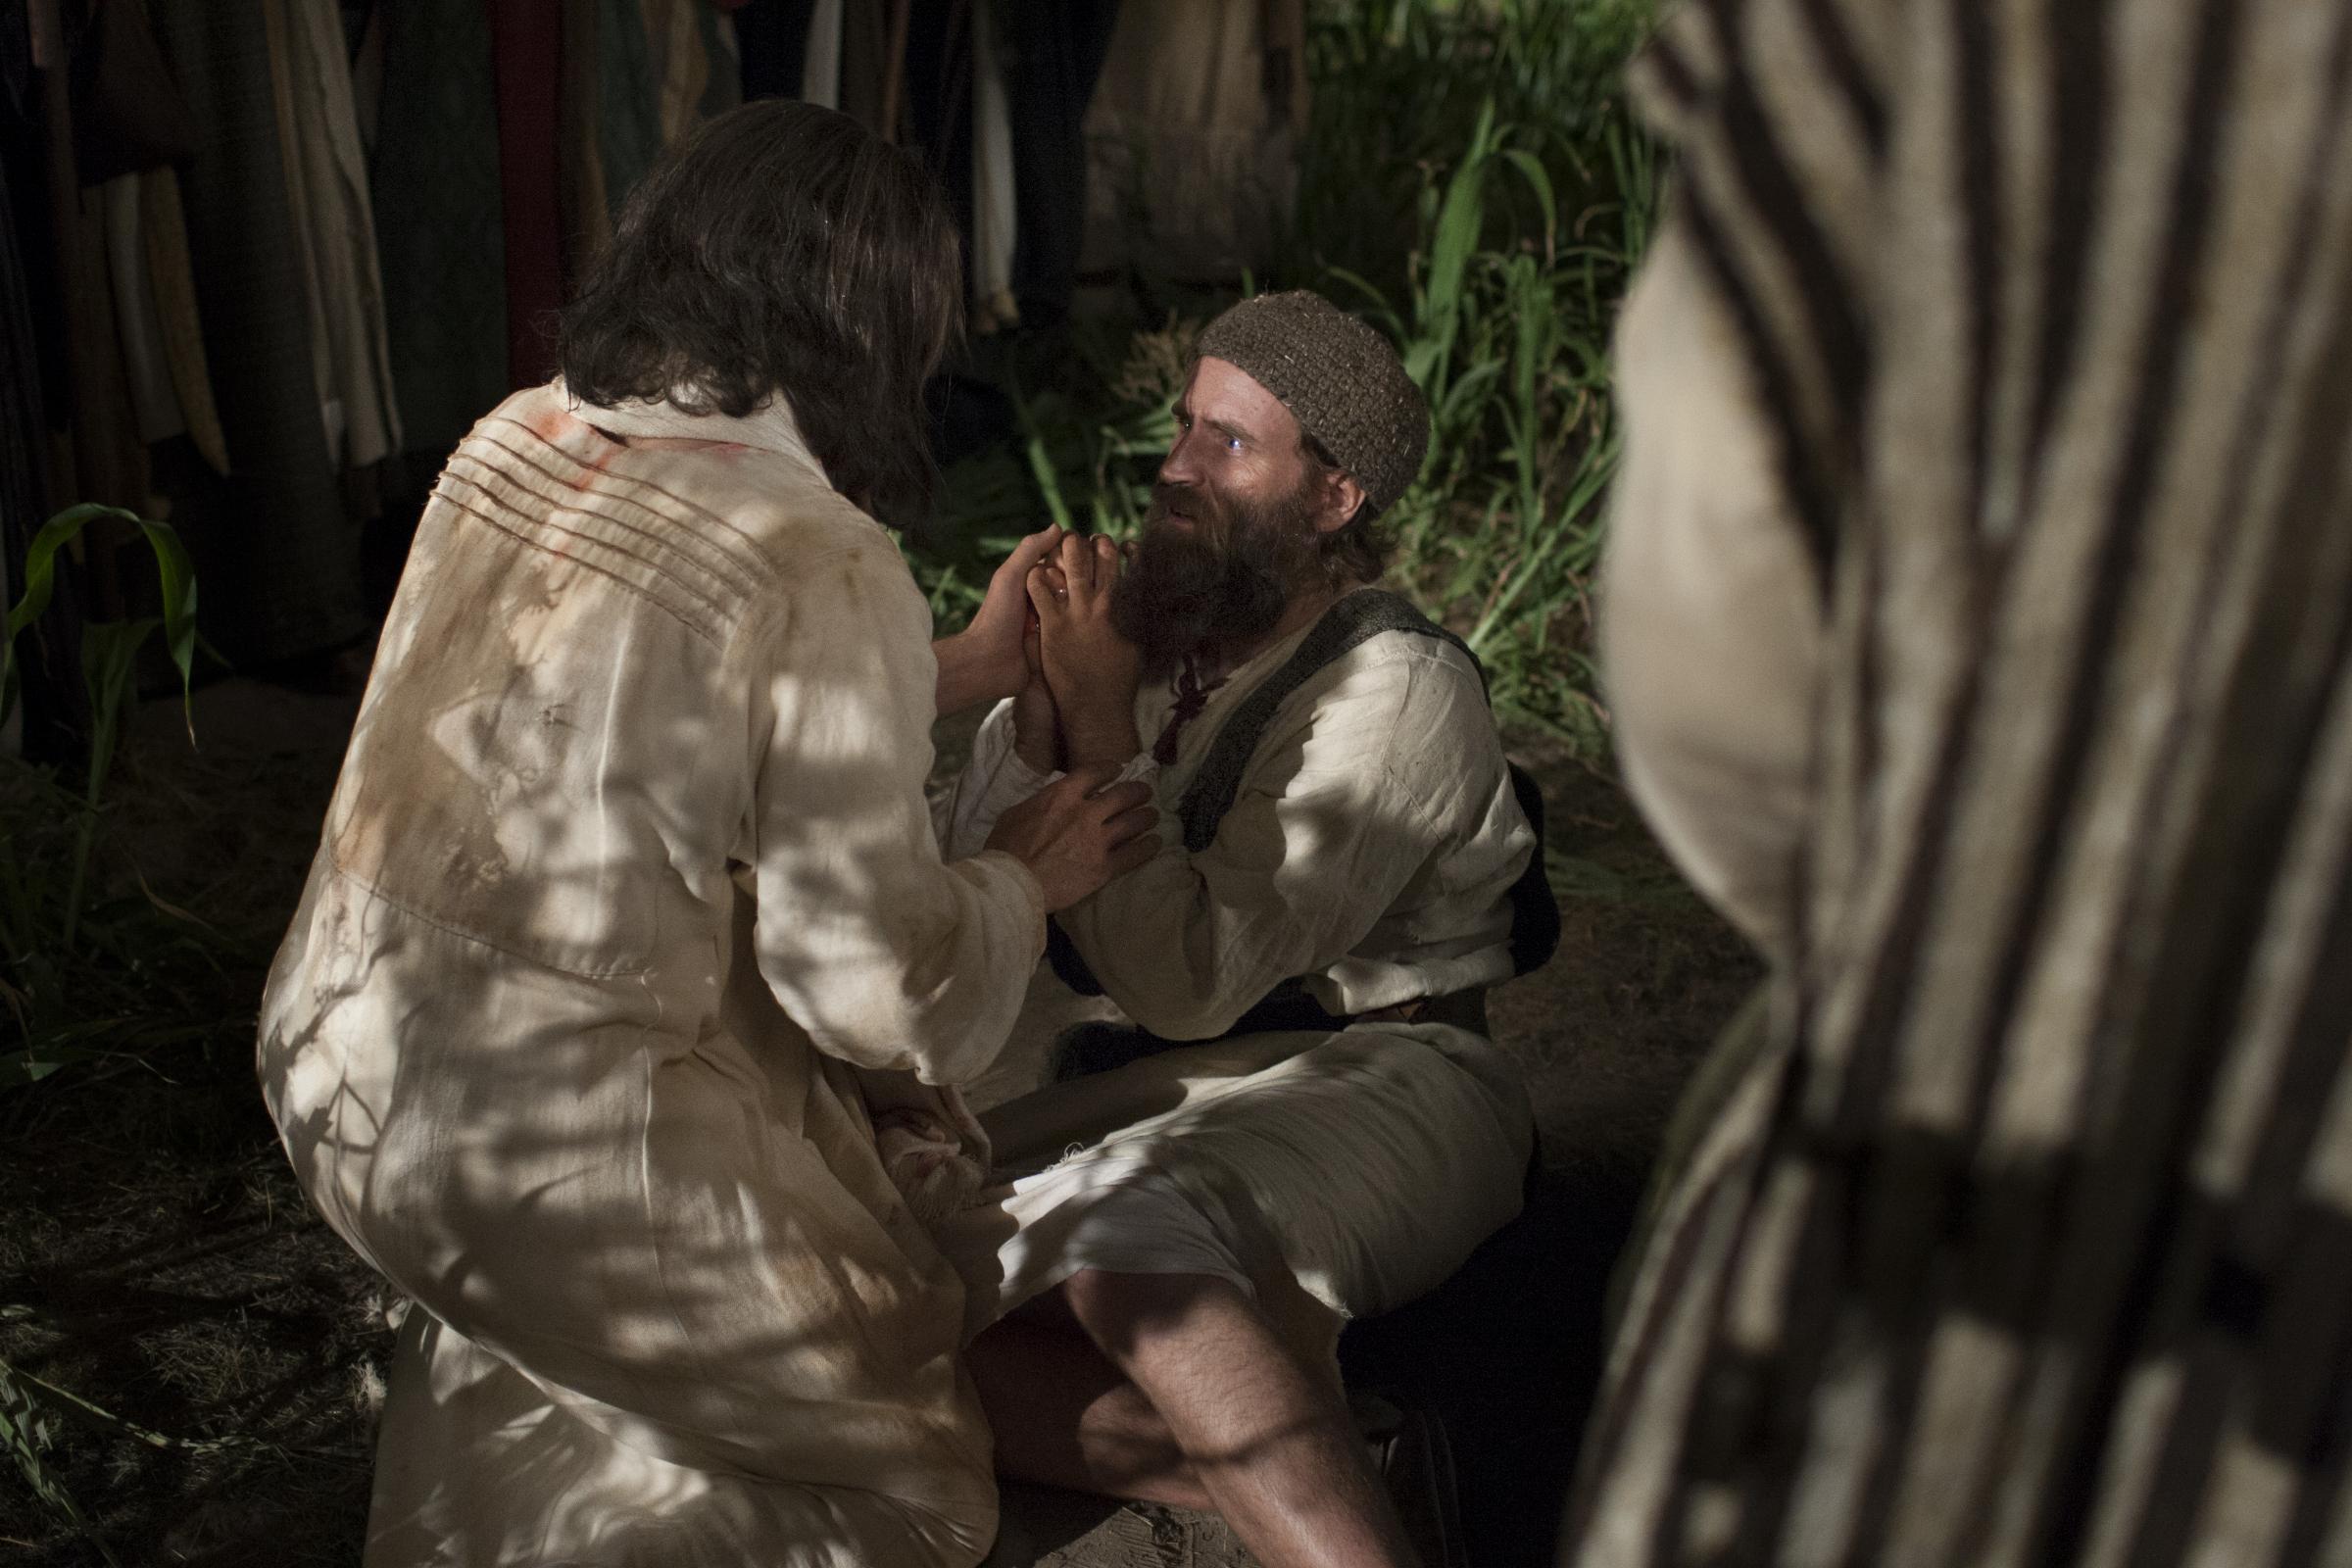 Cristo sana la oreja herida